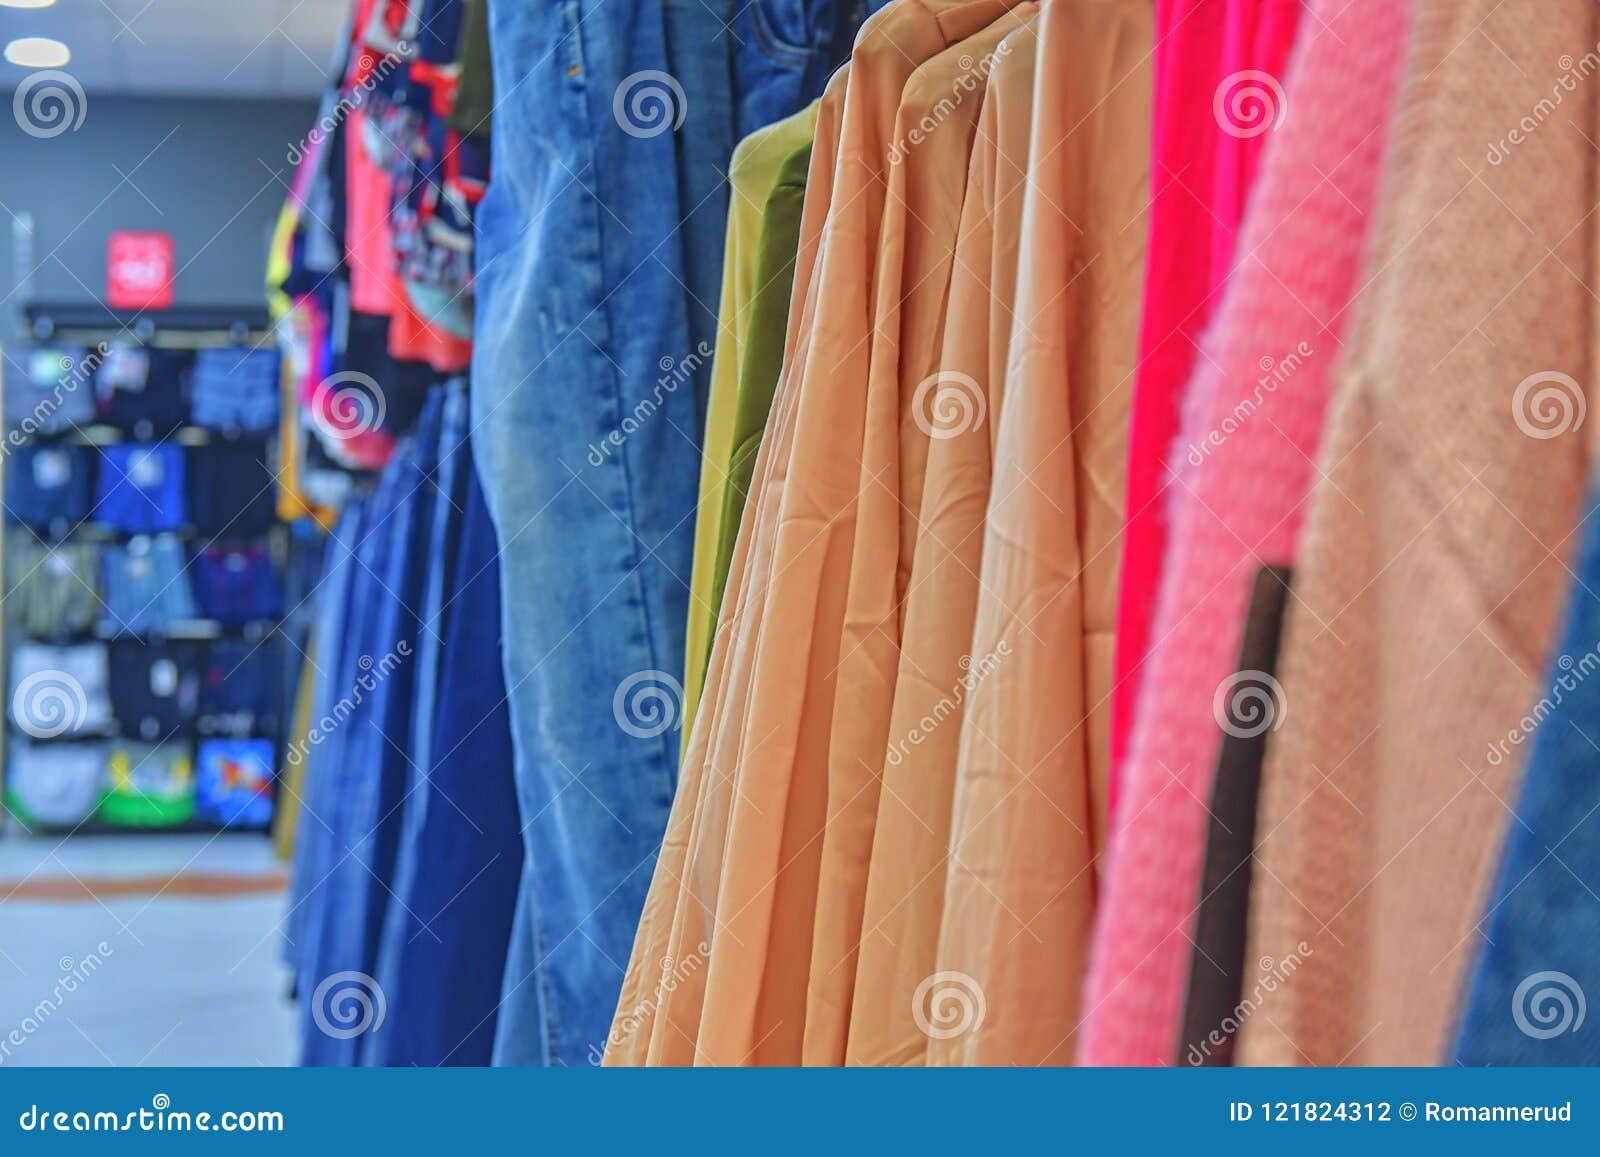 46b52d333 Vestido do traje da loja de roupa Loja da forma conceito do estilo O `  colorido s das mulheres veste-se em ganchos em uma loja varejo Conceito da  forma e da ...